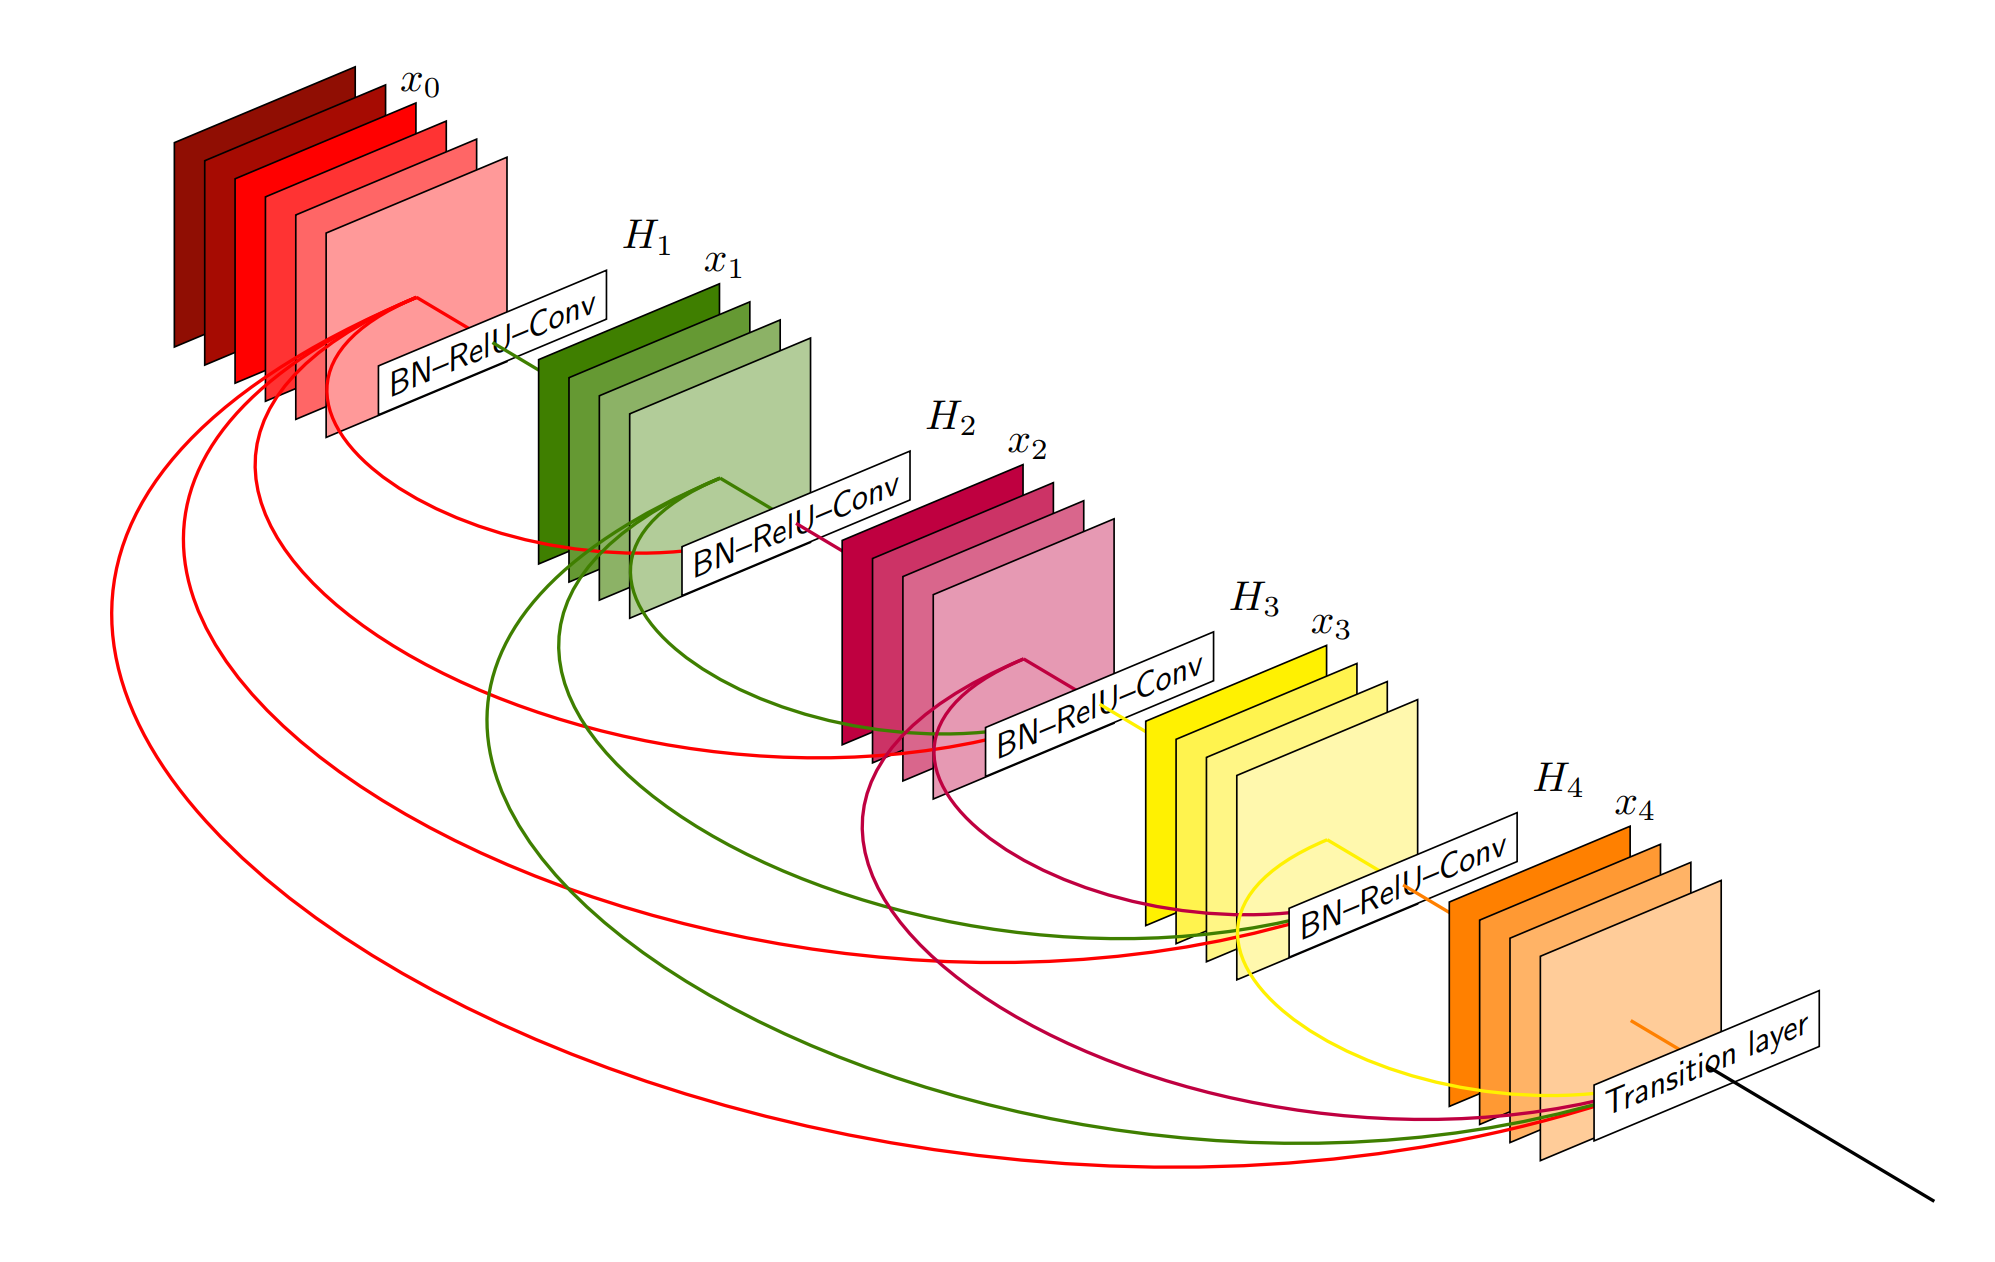 TikZ 绘制的 2D CNN (卷积神经网络)示意图